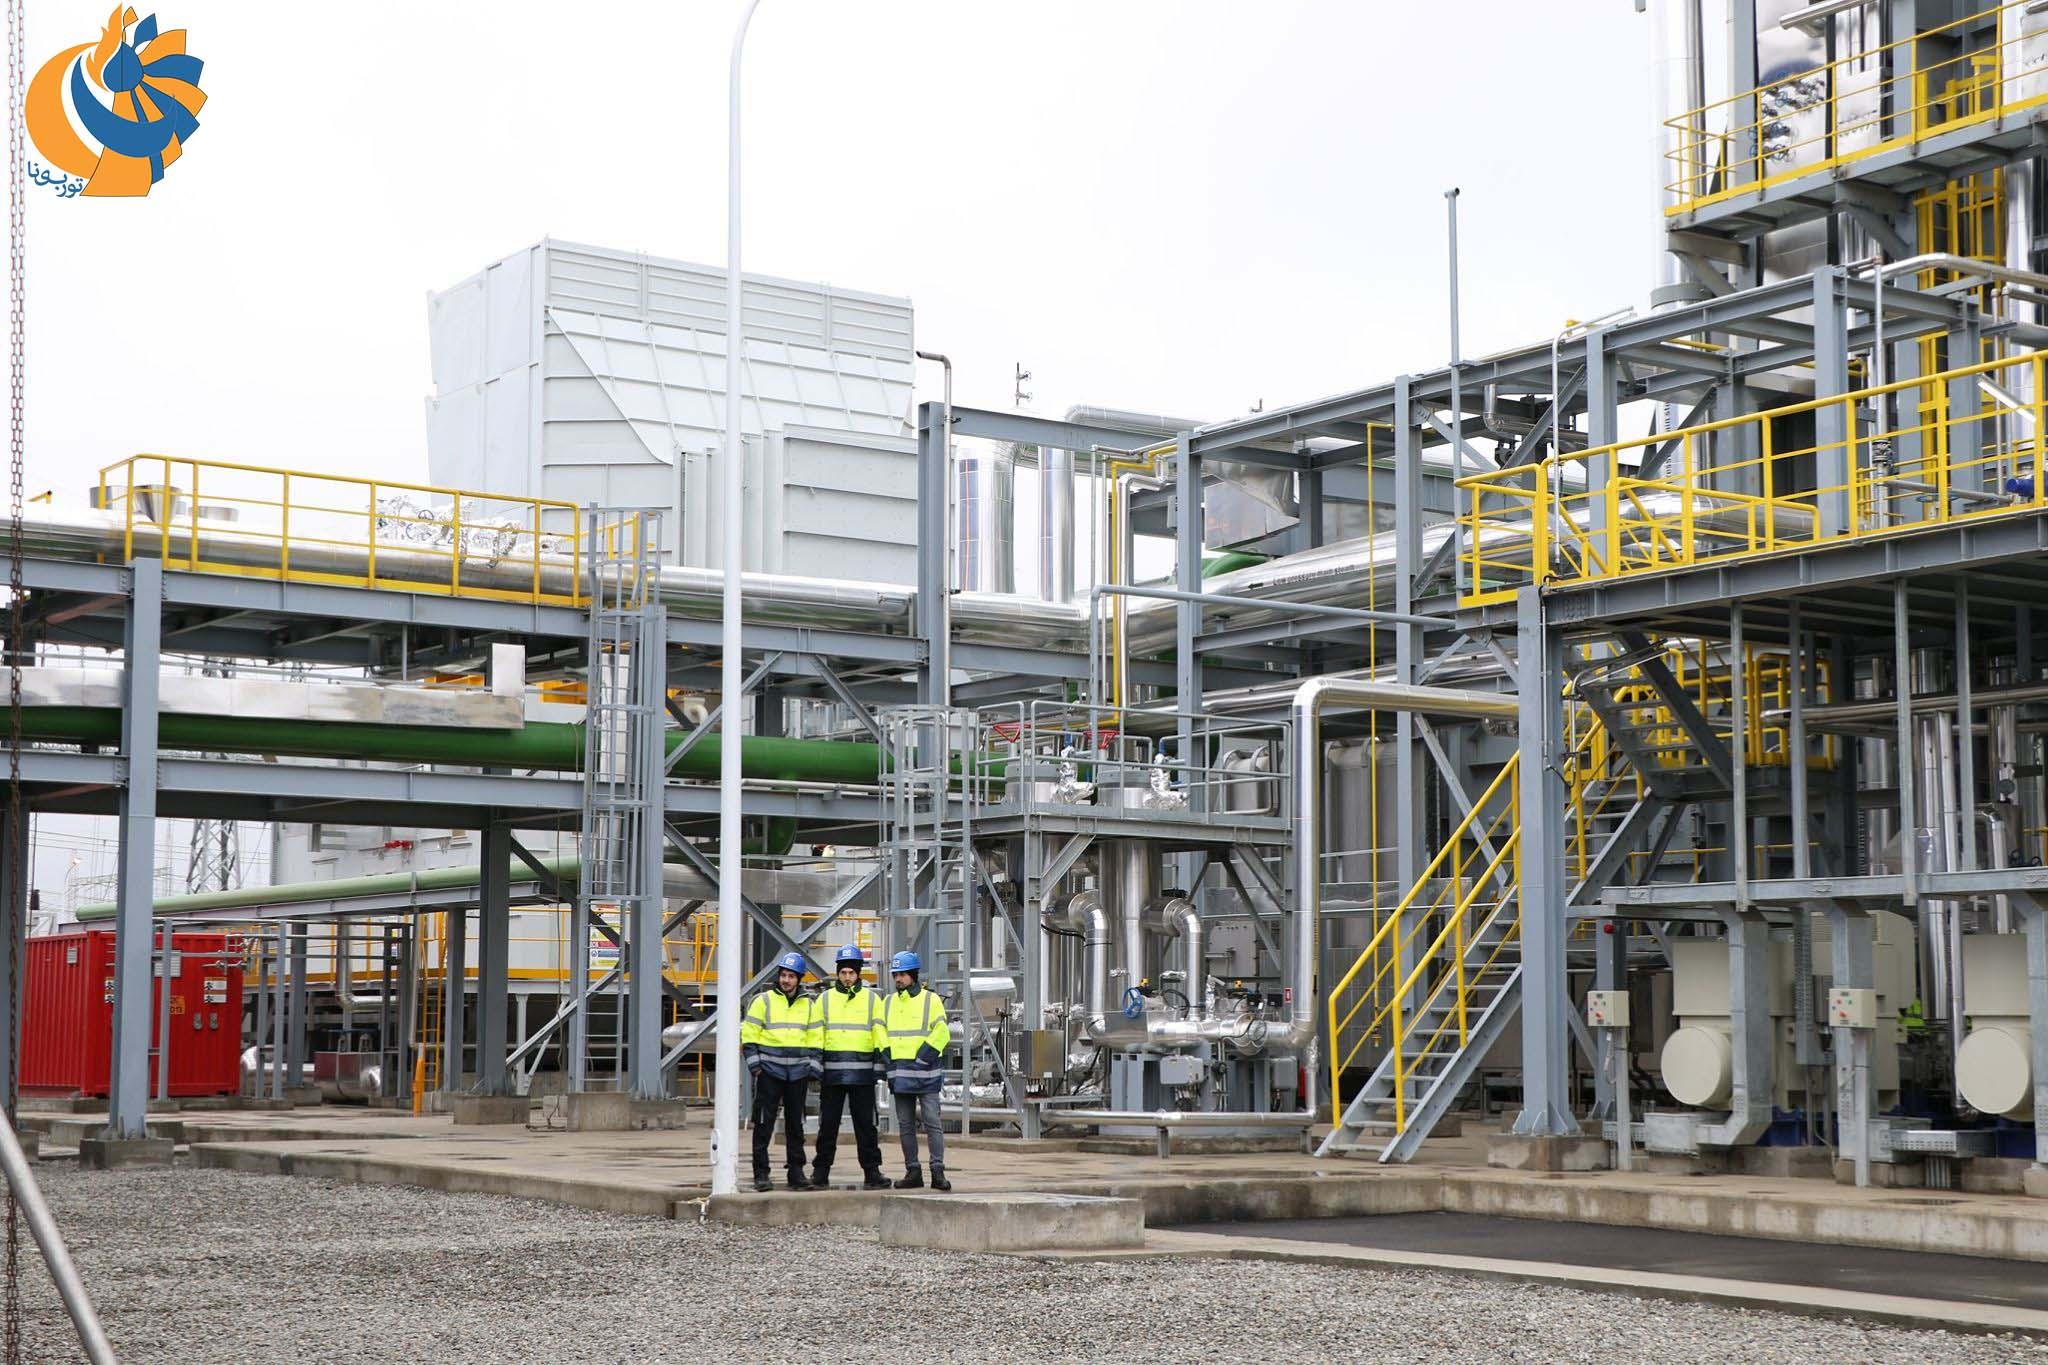 احداث نیروگاه سیکل ترکیبی حرارتی در گرجستان براساس تکنولوژی جنرال الکتریک